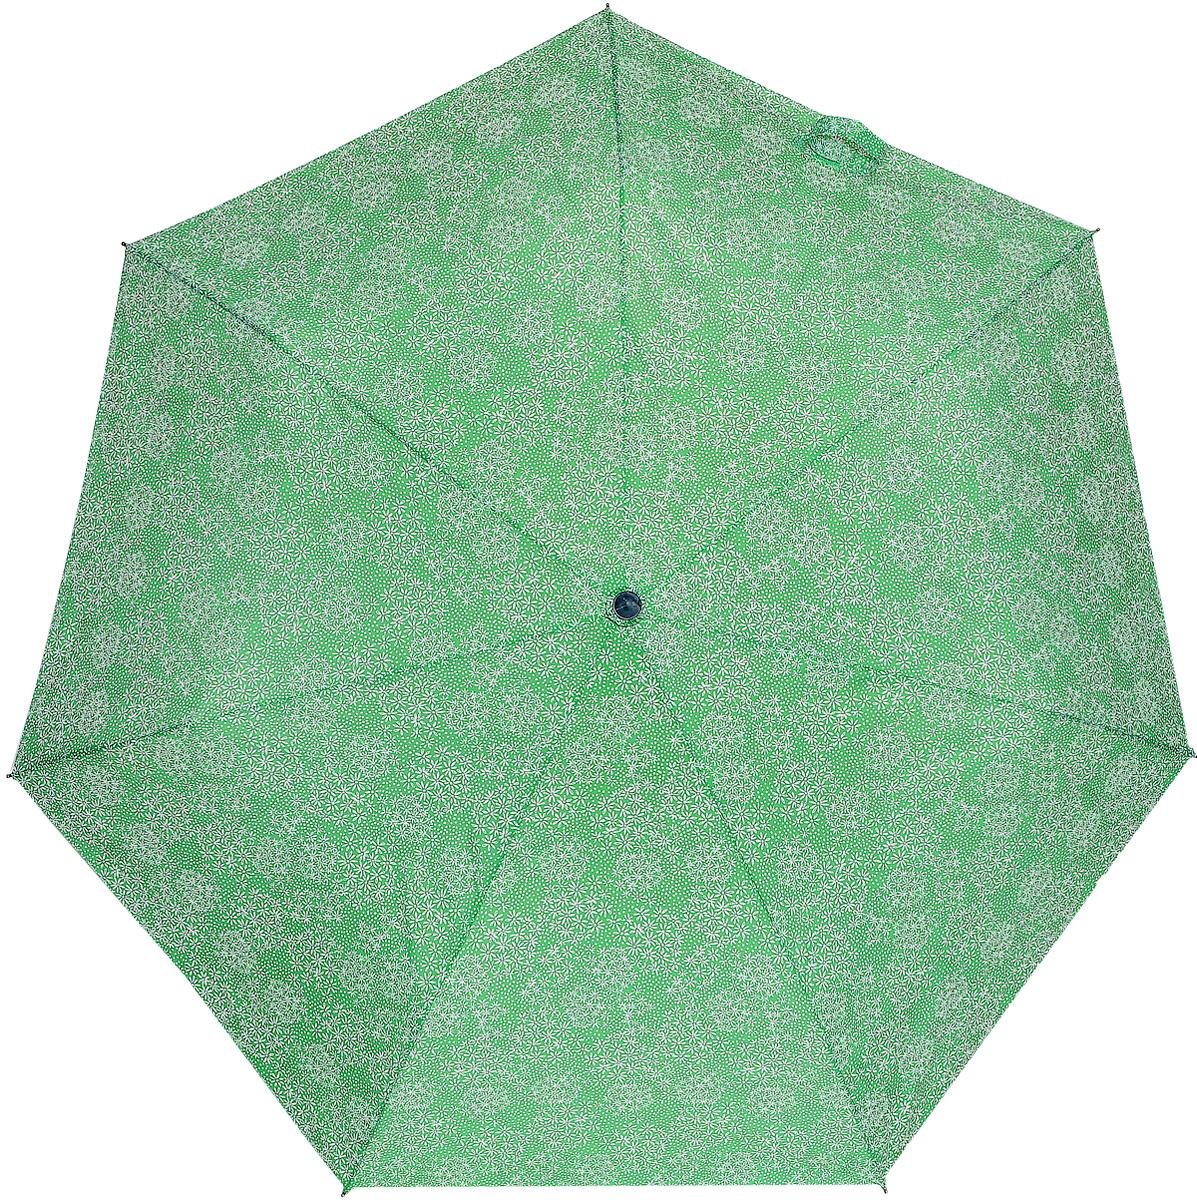 C-Collection 534-5 Зонт полный автом. 3 сл. жен.K50K503414_0010Зонт испанского производителя Clima. В производстве зонтов используются современные материалы, что делает зонты легкими, но в то же время крепкими. Полный автомат, 3 сложения, 7 спиц, полиэстер.